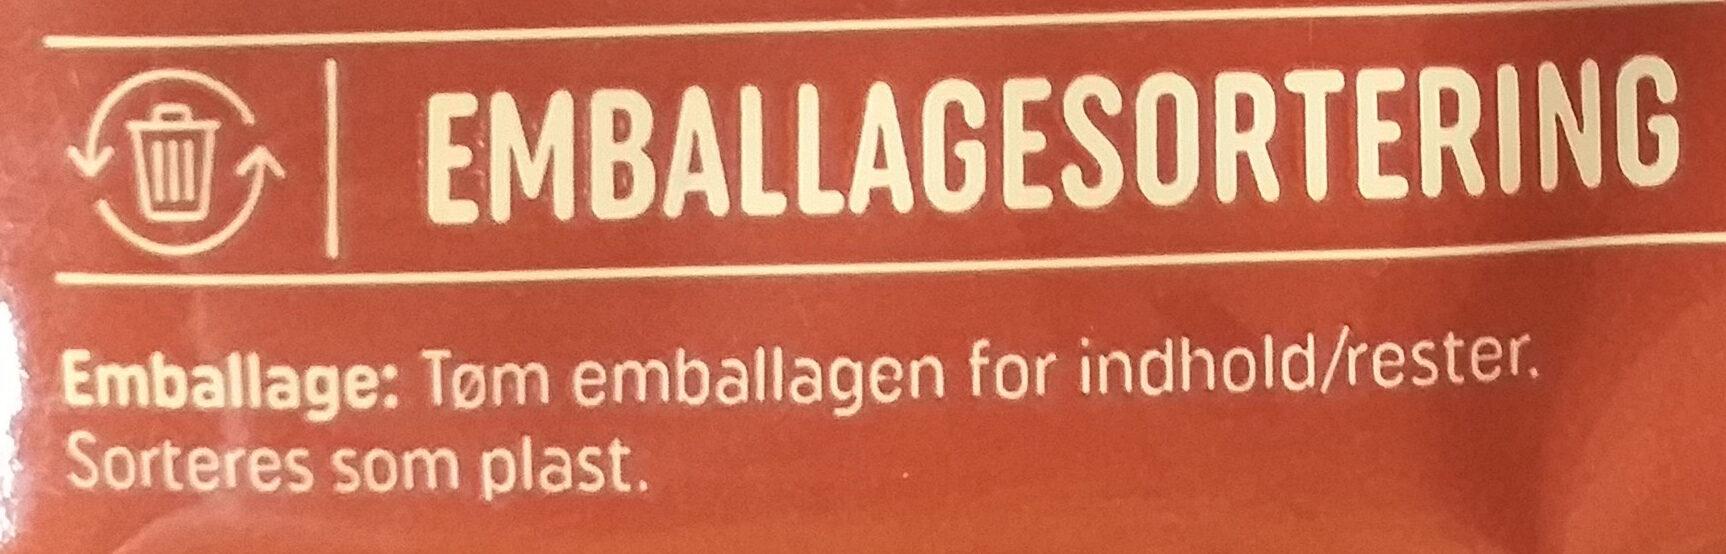 Pølsebrød - Istruzioni per il riciclaggio e/o informazioni sull'imballaggio - da